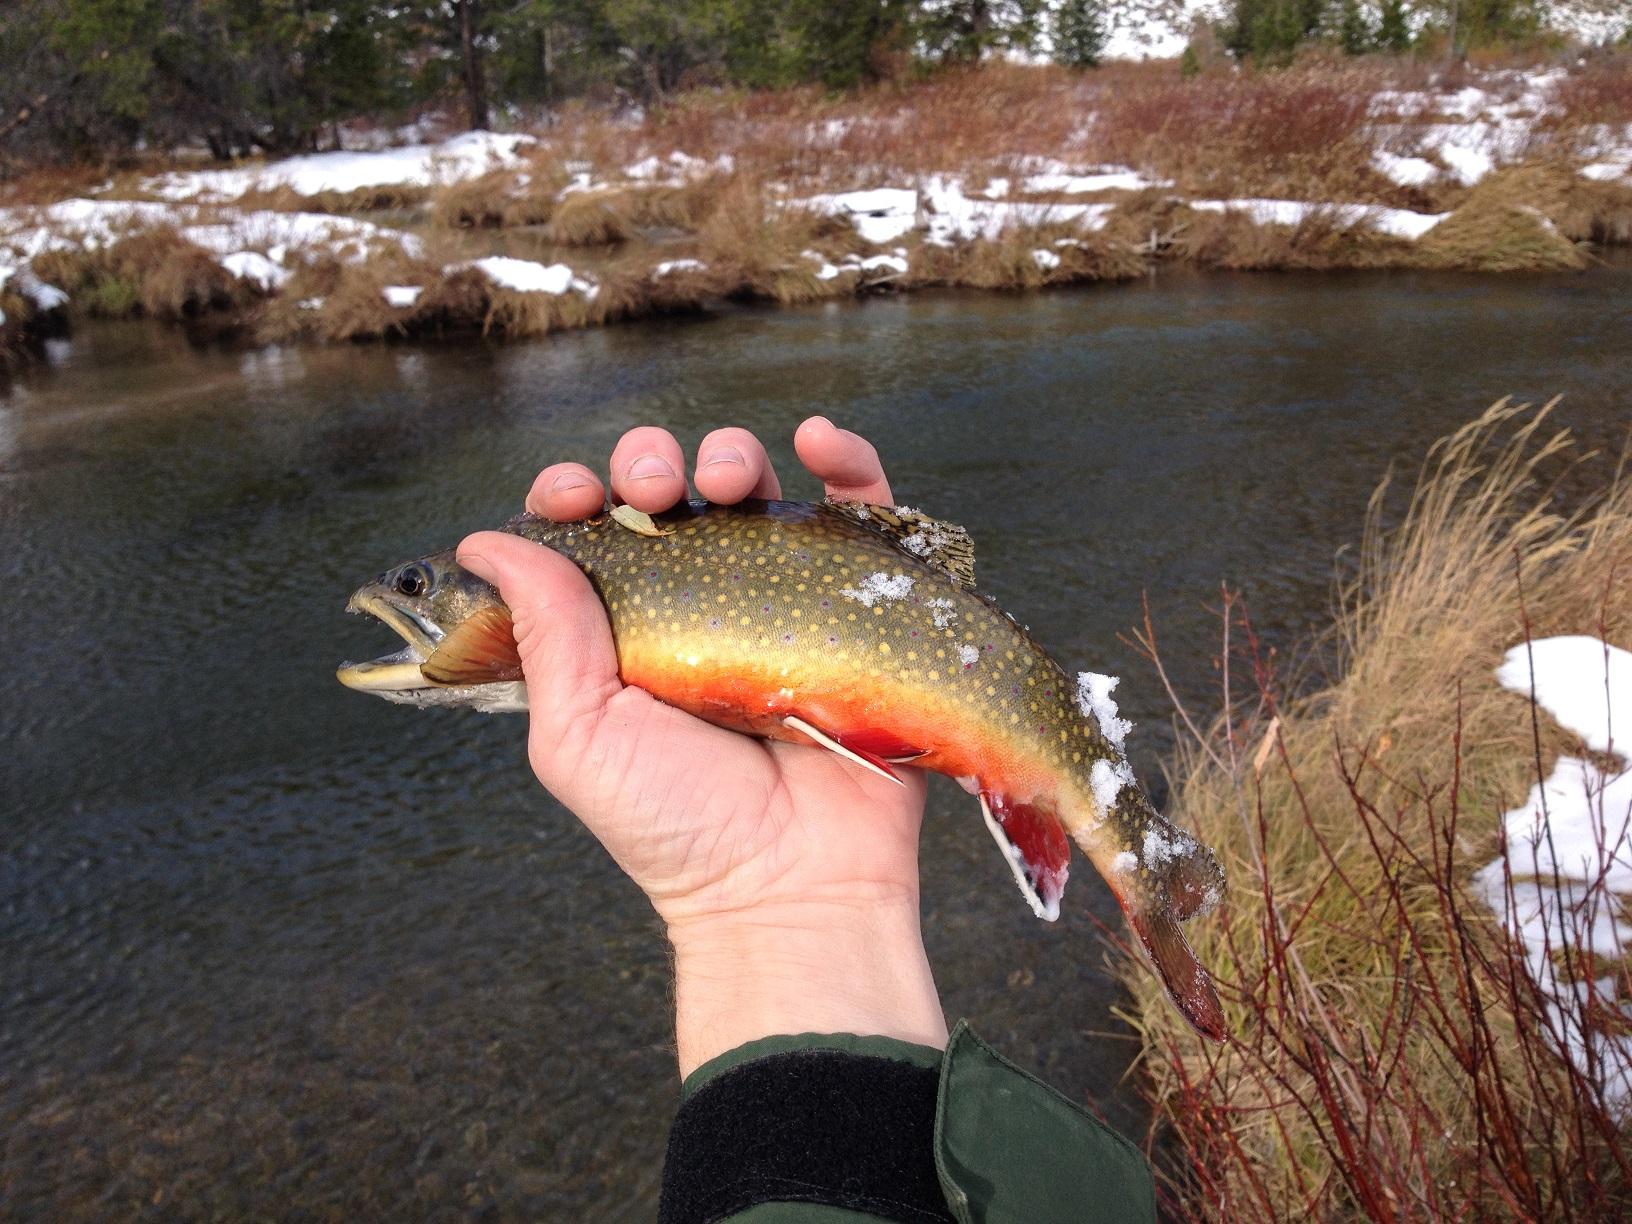 Fishing brook trout on west rosebud creek scott sery for Trout fishing spots near me